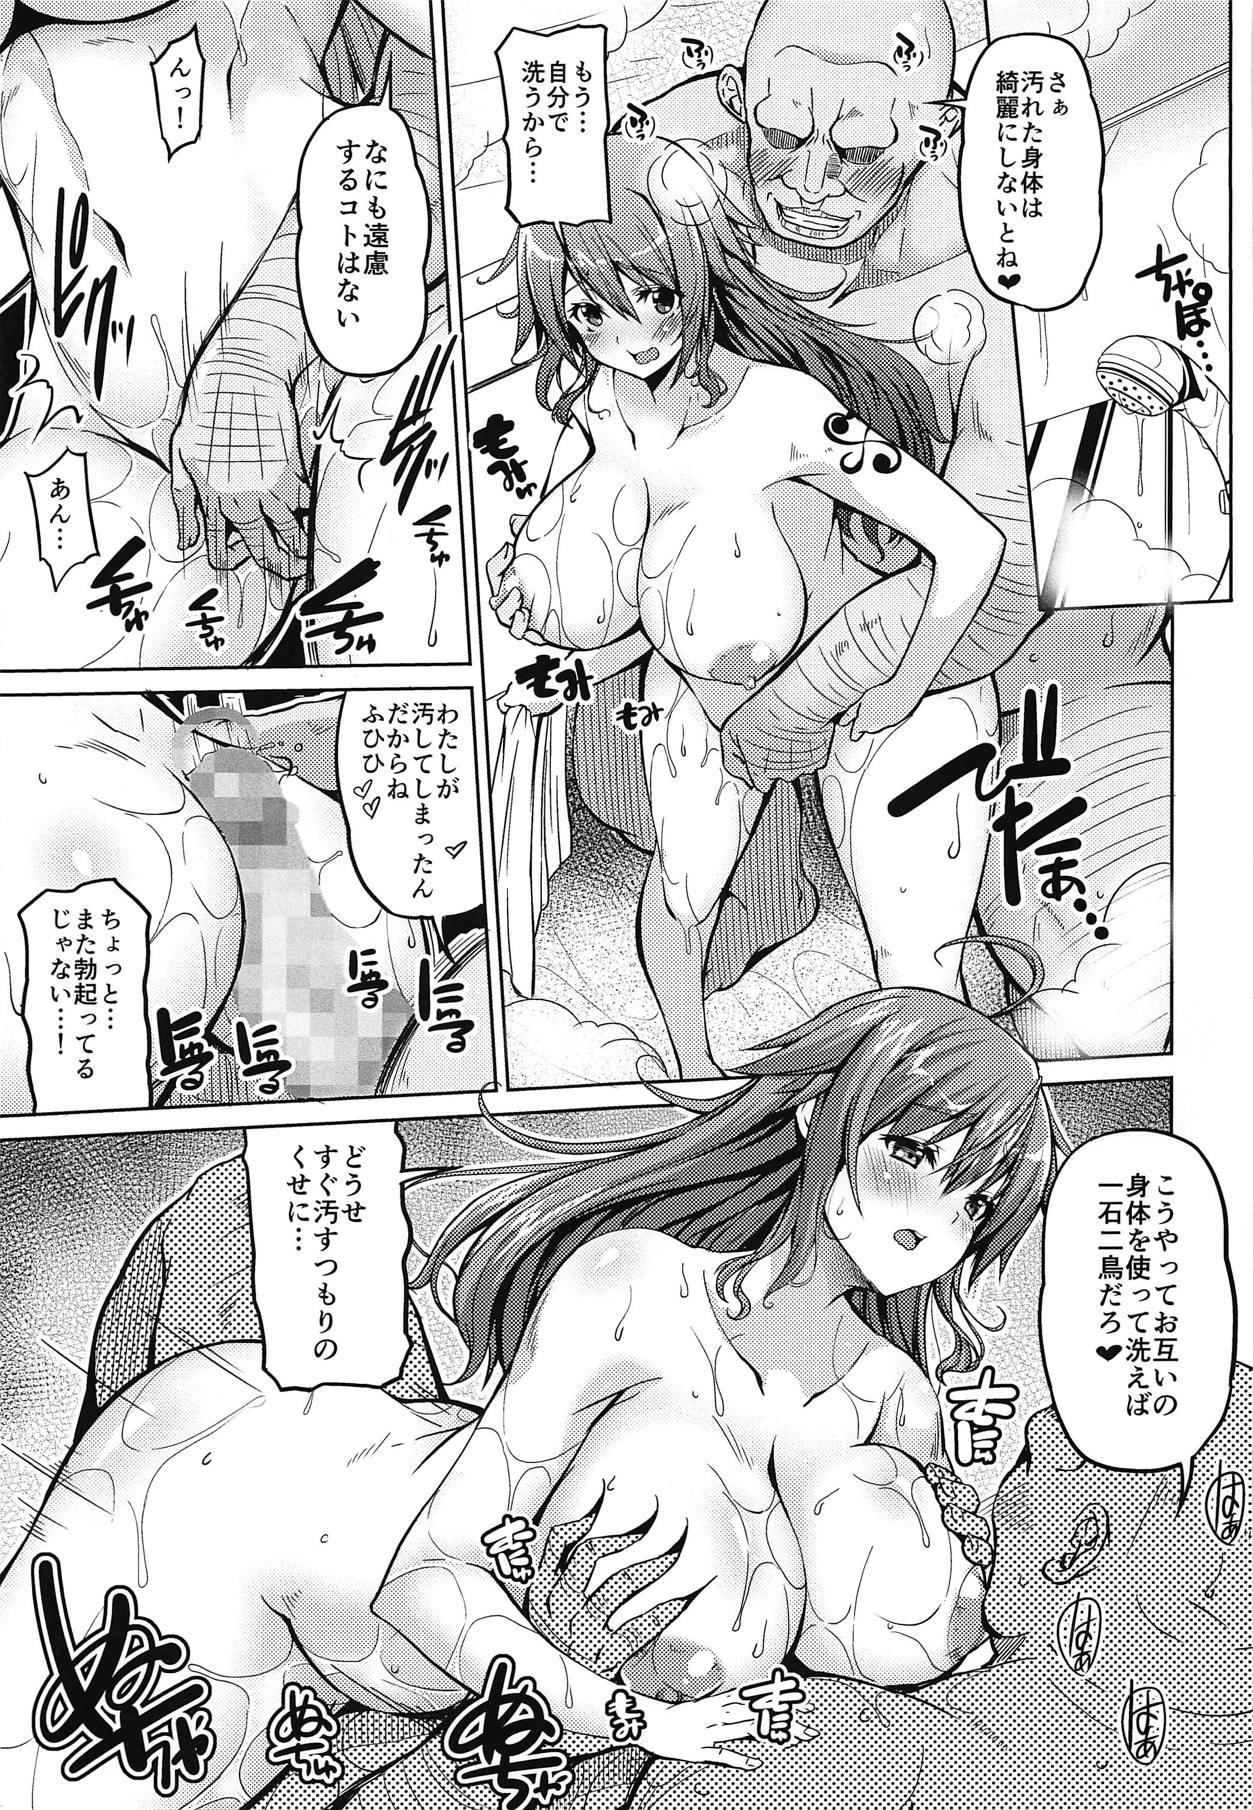 Kaizoku Kyonyuu 3 13